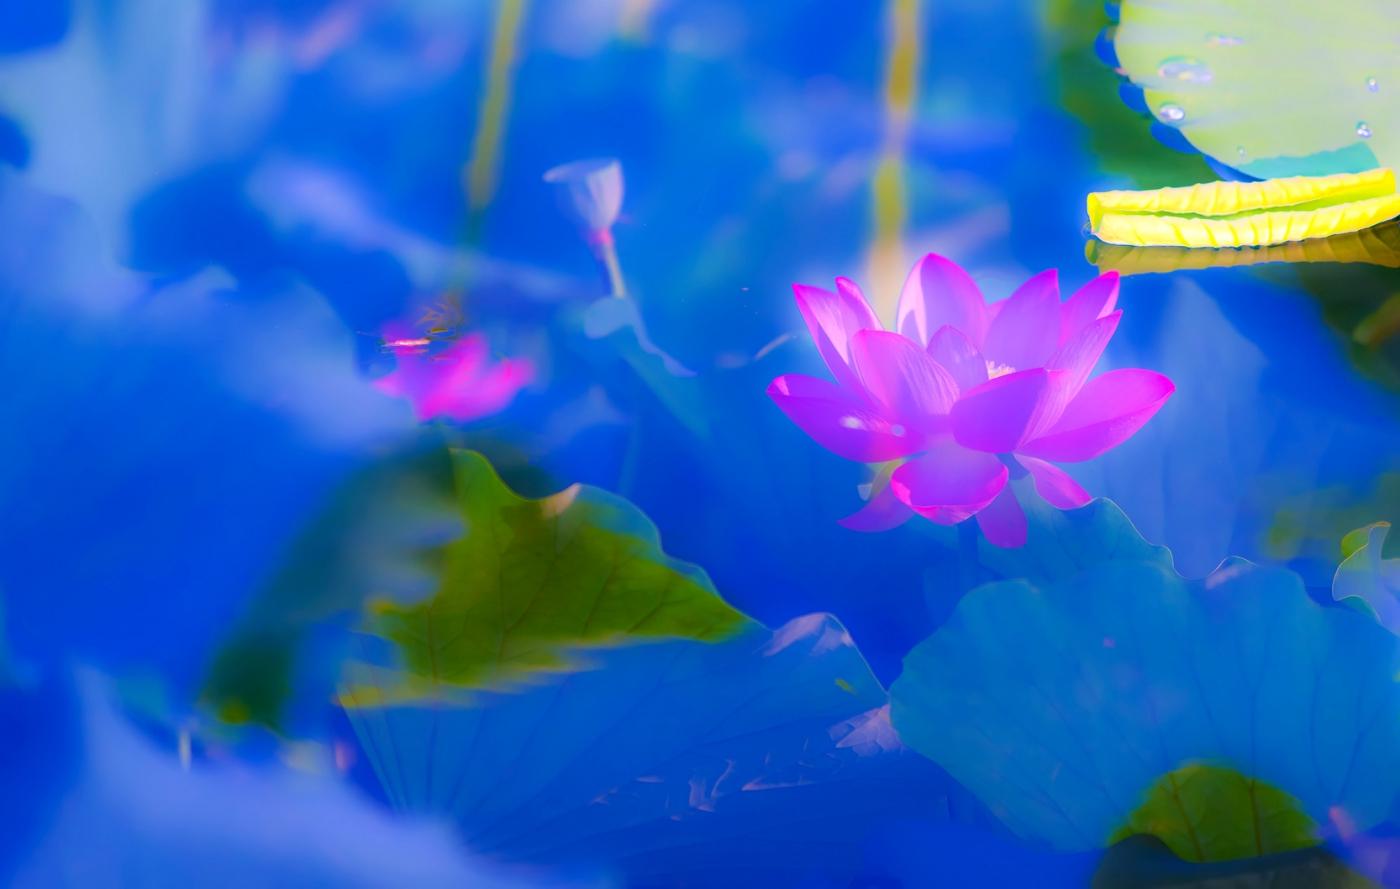 尝试用多重曝光拍摄拍摄湿地红荷_图1-8